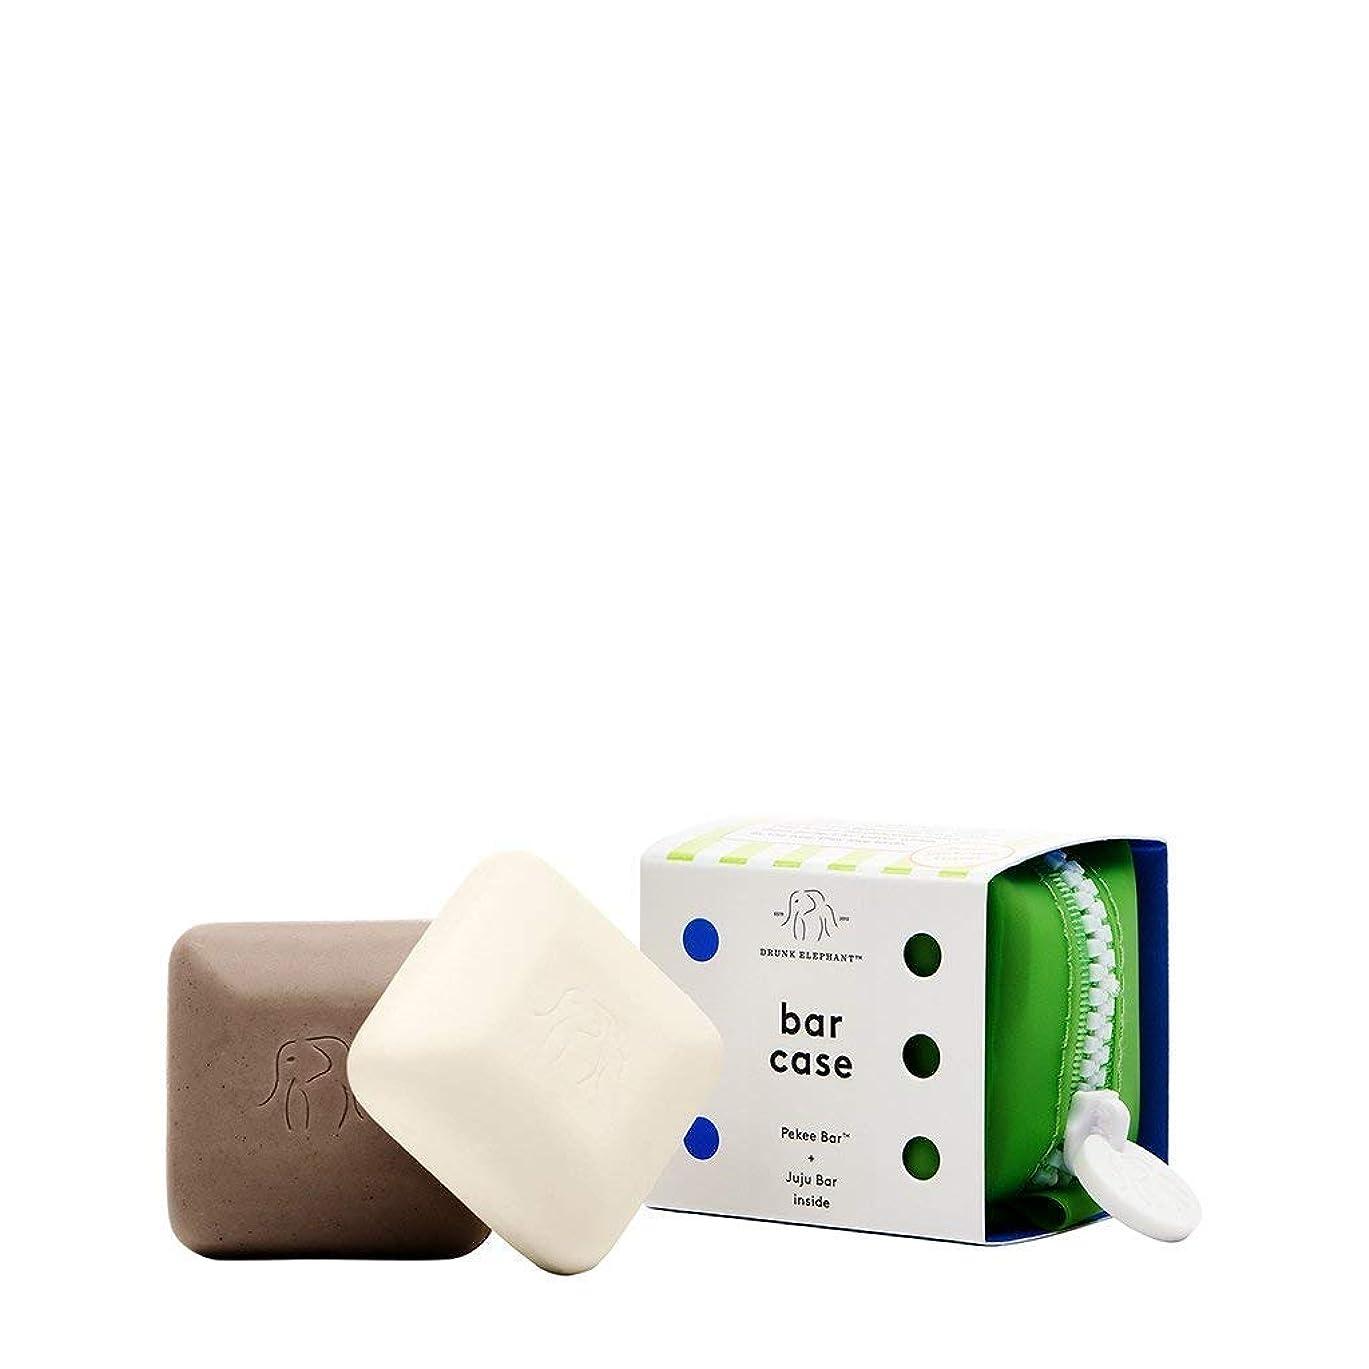 立証する体細胞豊富なDRUNK ELEPHANT Baby Bar Travel Duo(2 x 30g) ドランクエレファントミニ洗顔石鹸セット